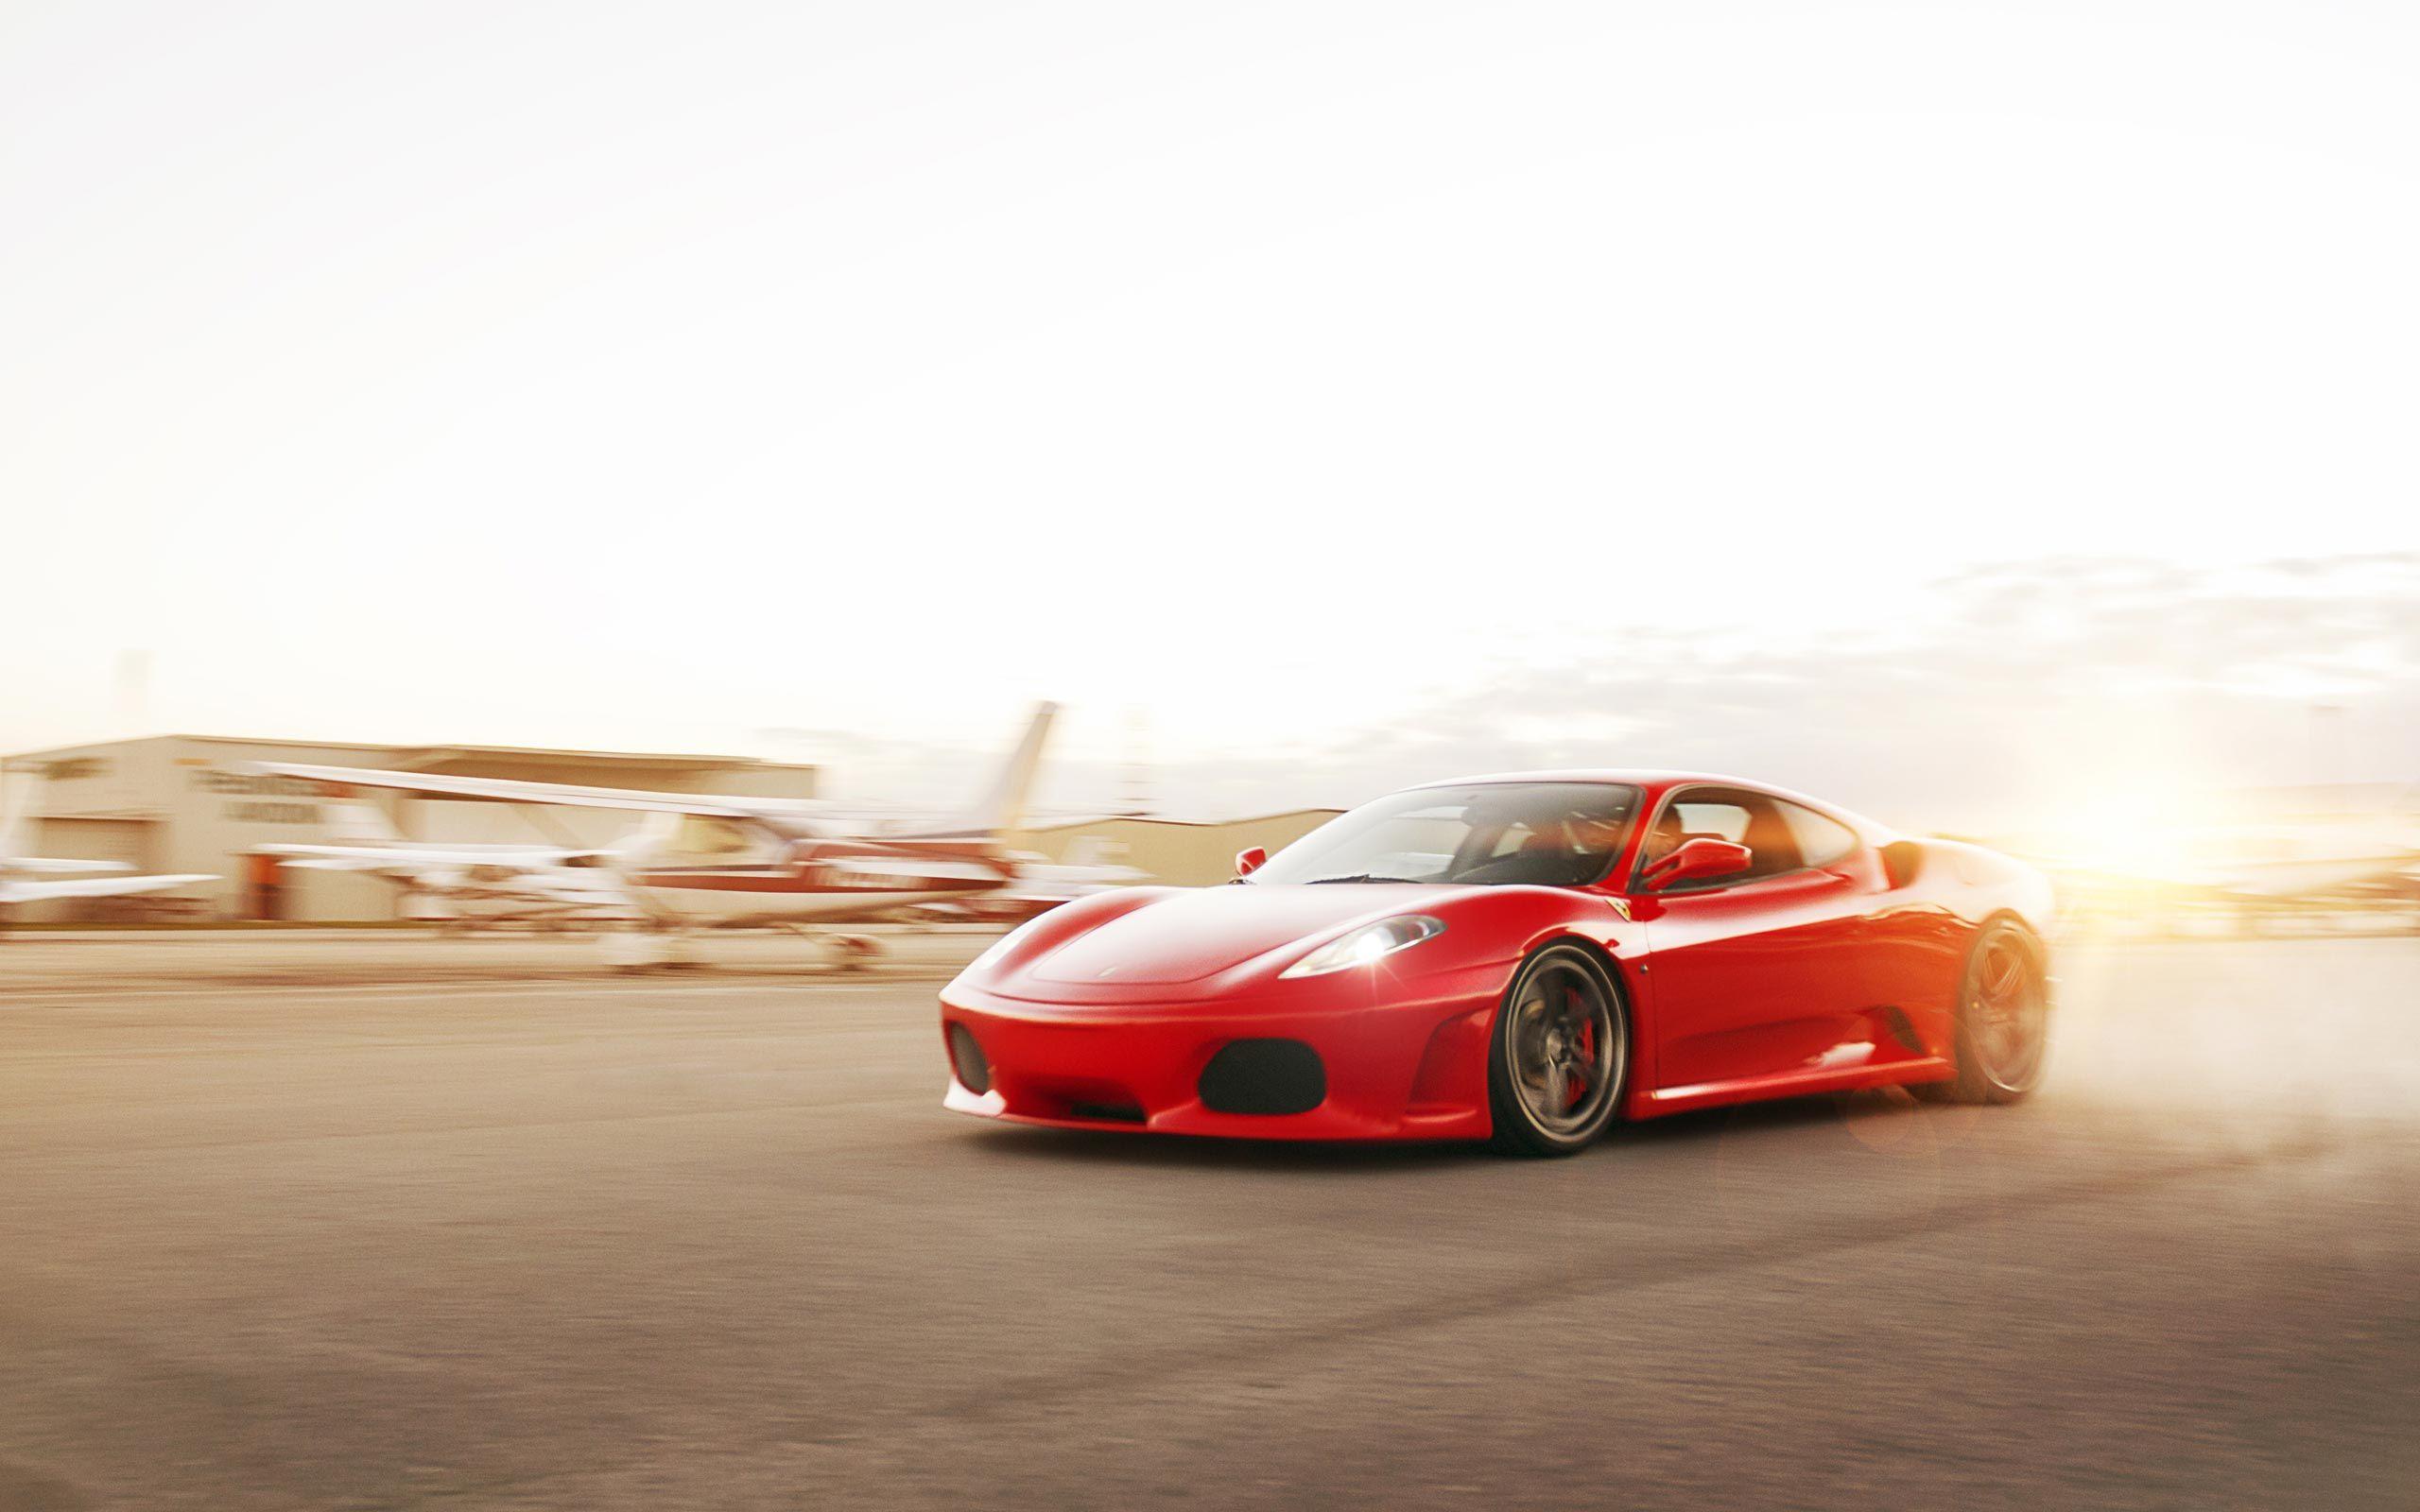 Ferrari F430 Hd